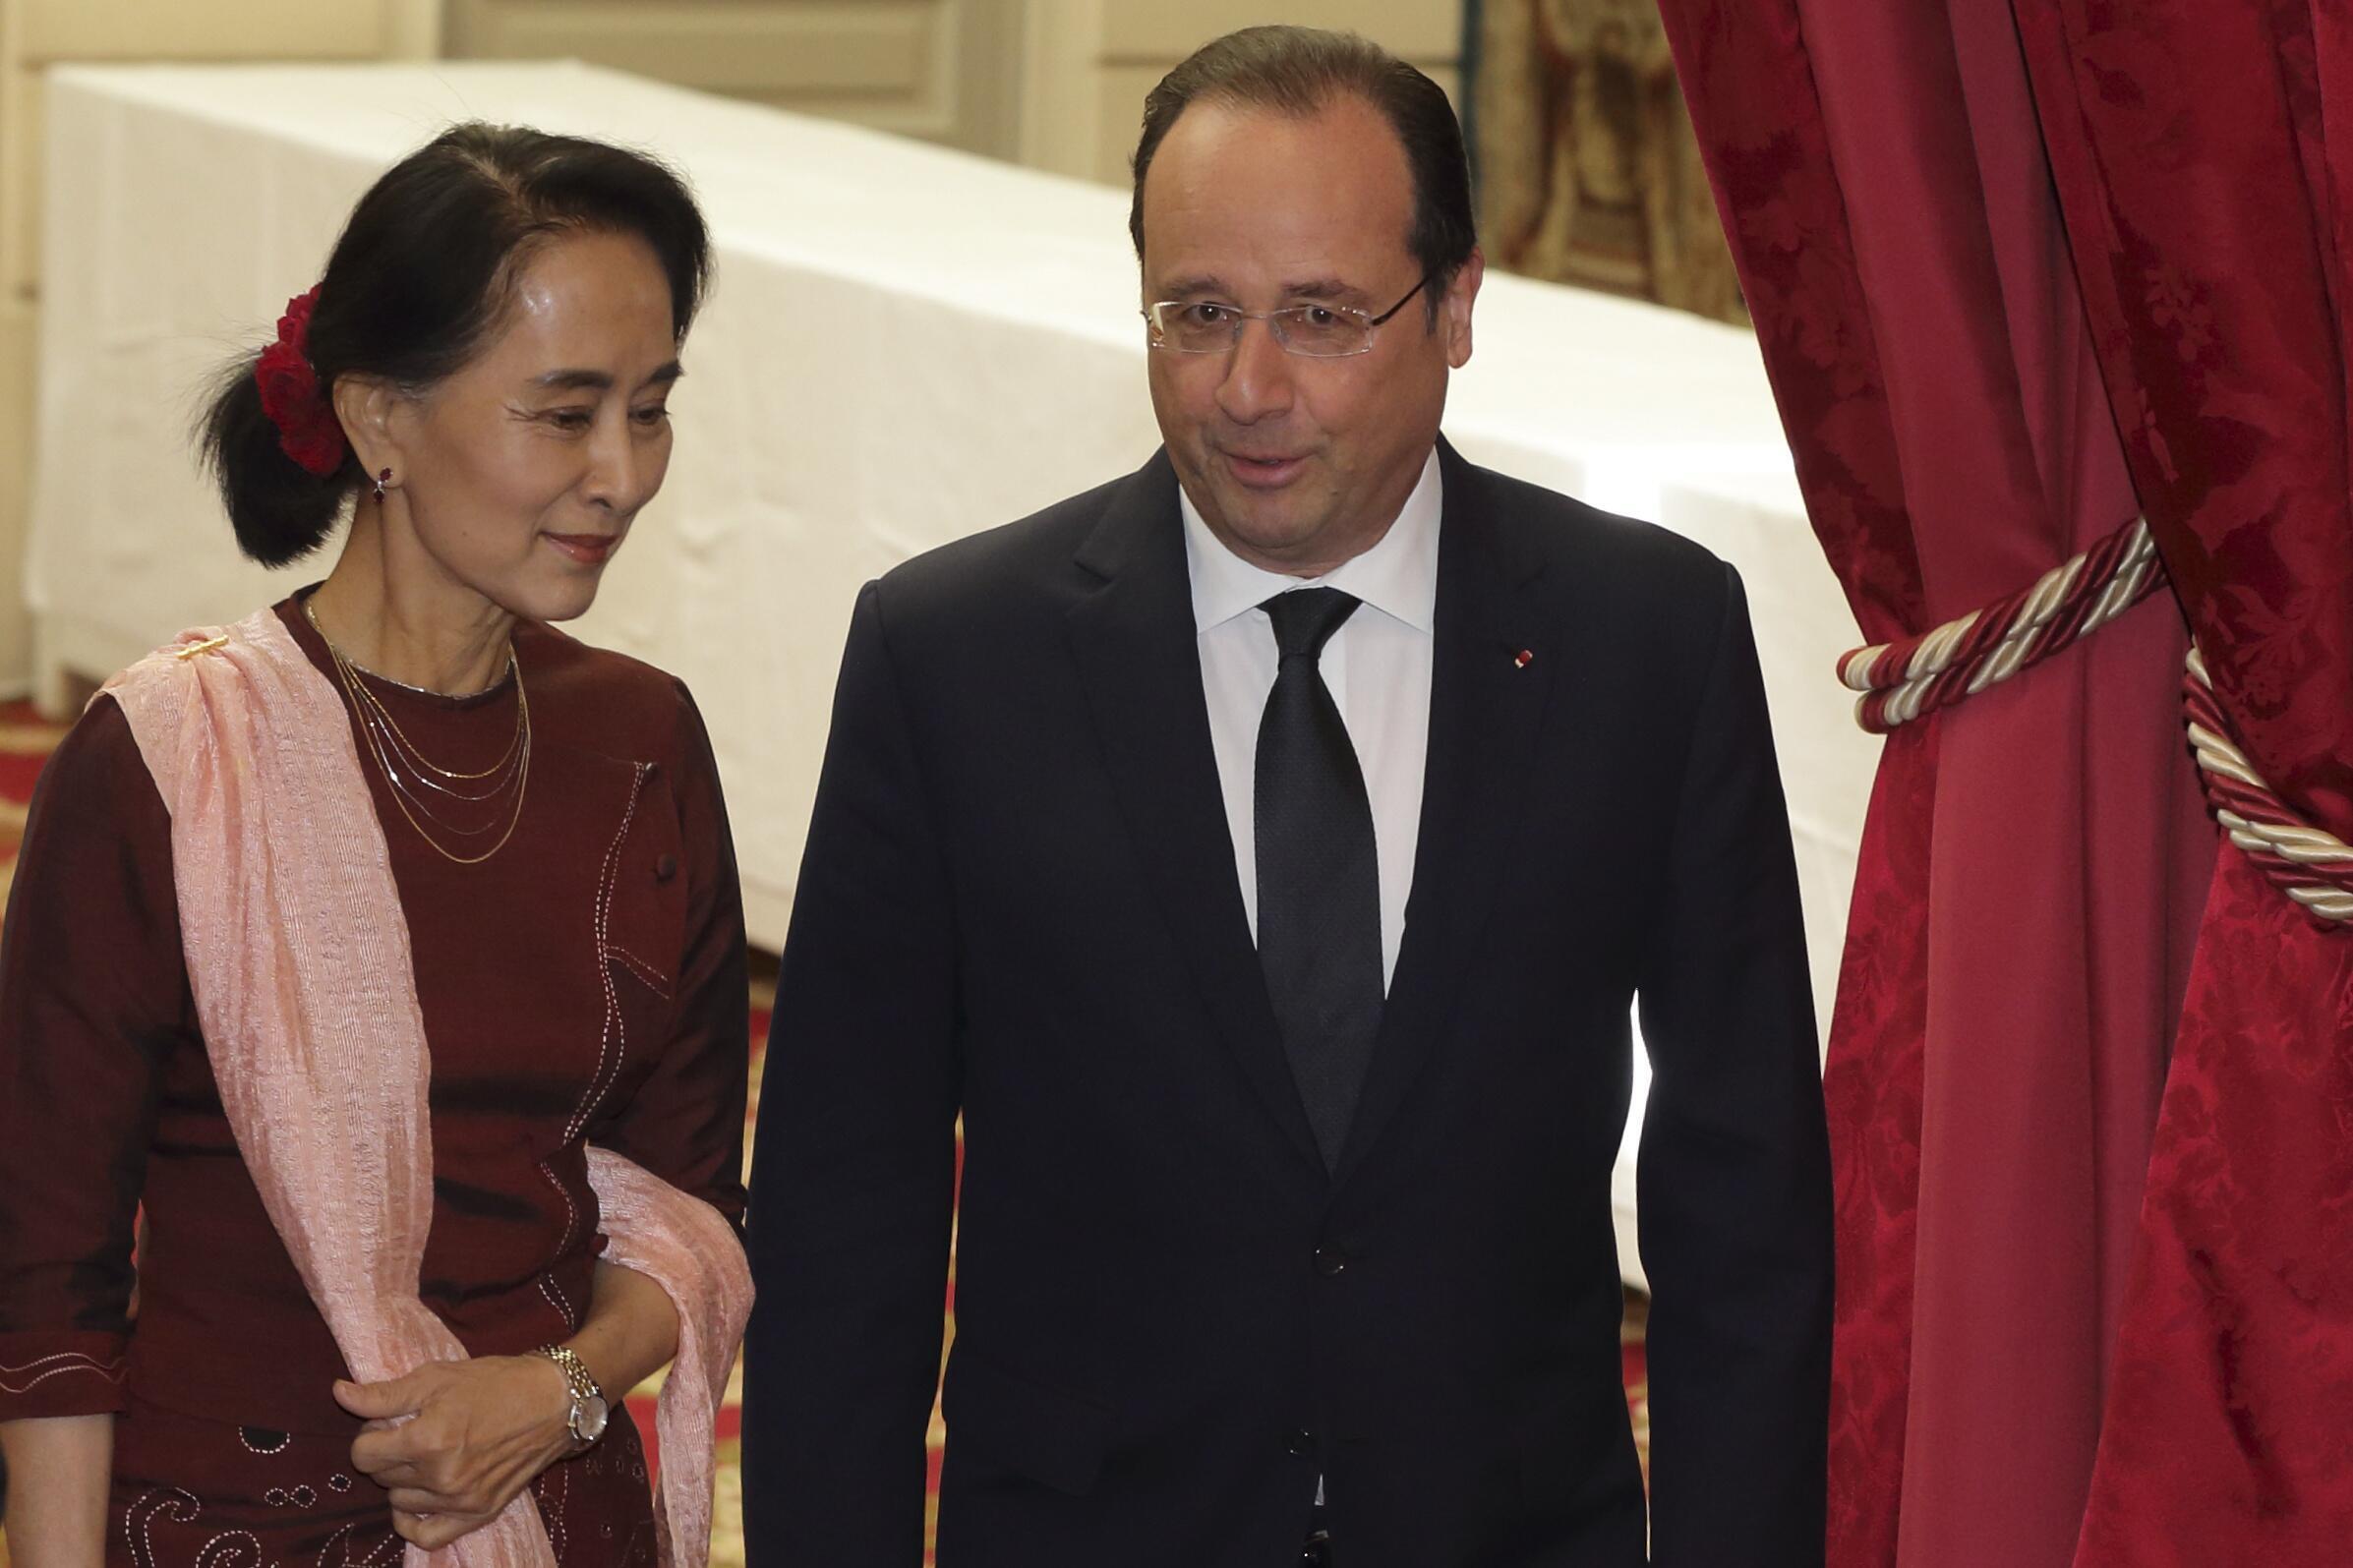 Tổng thống Pháp tiếp nhà đối lập Miến Điện. Ảnh chụp ngày 15/04/2014.